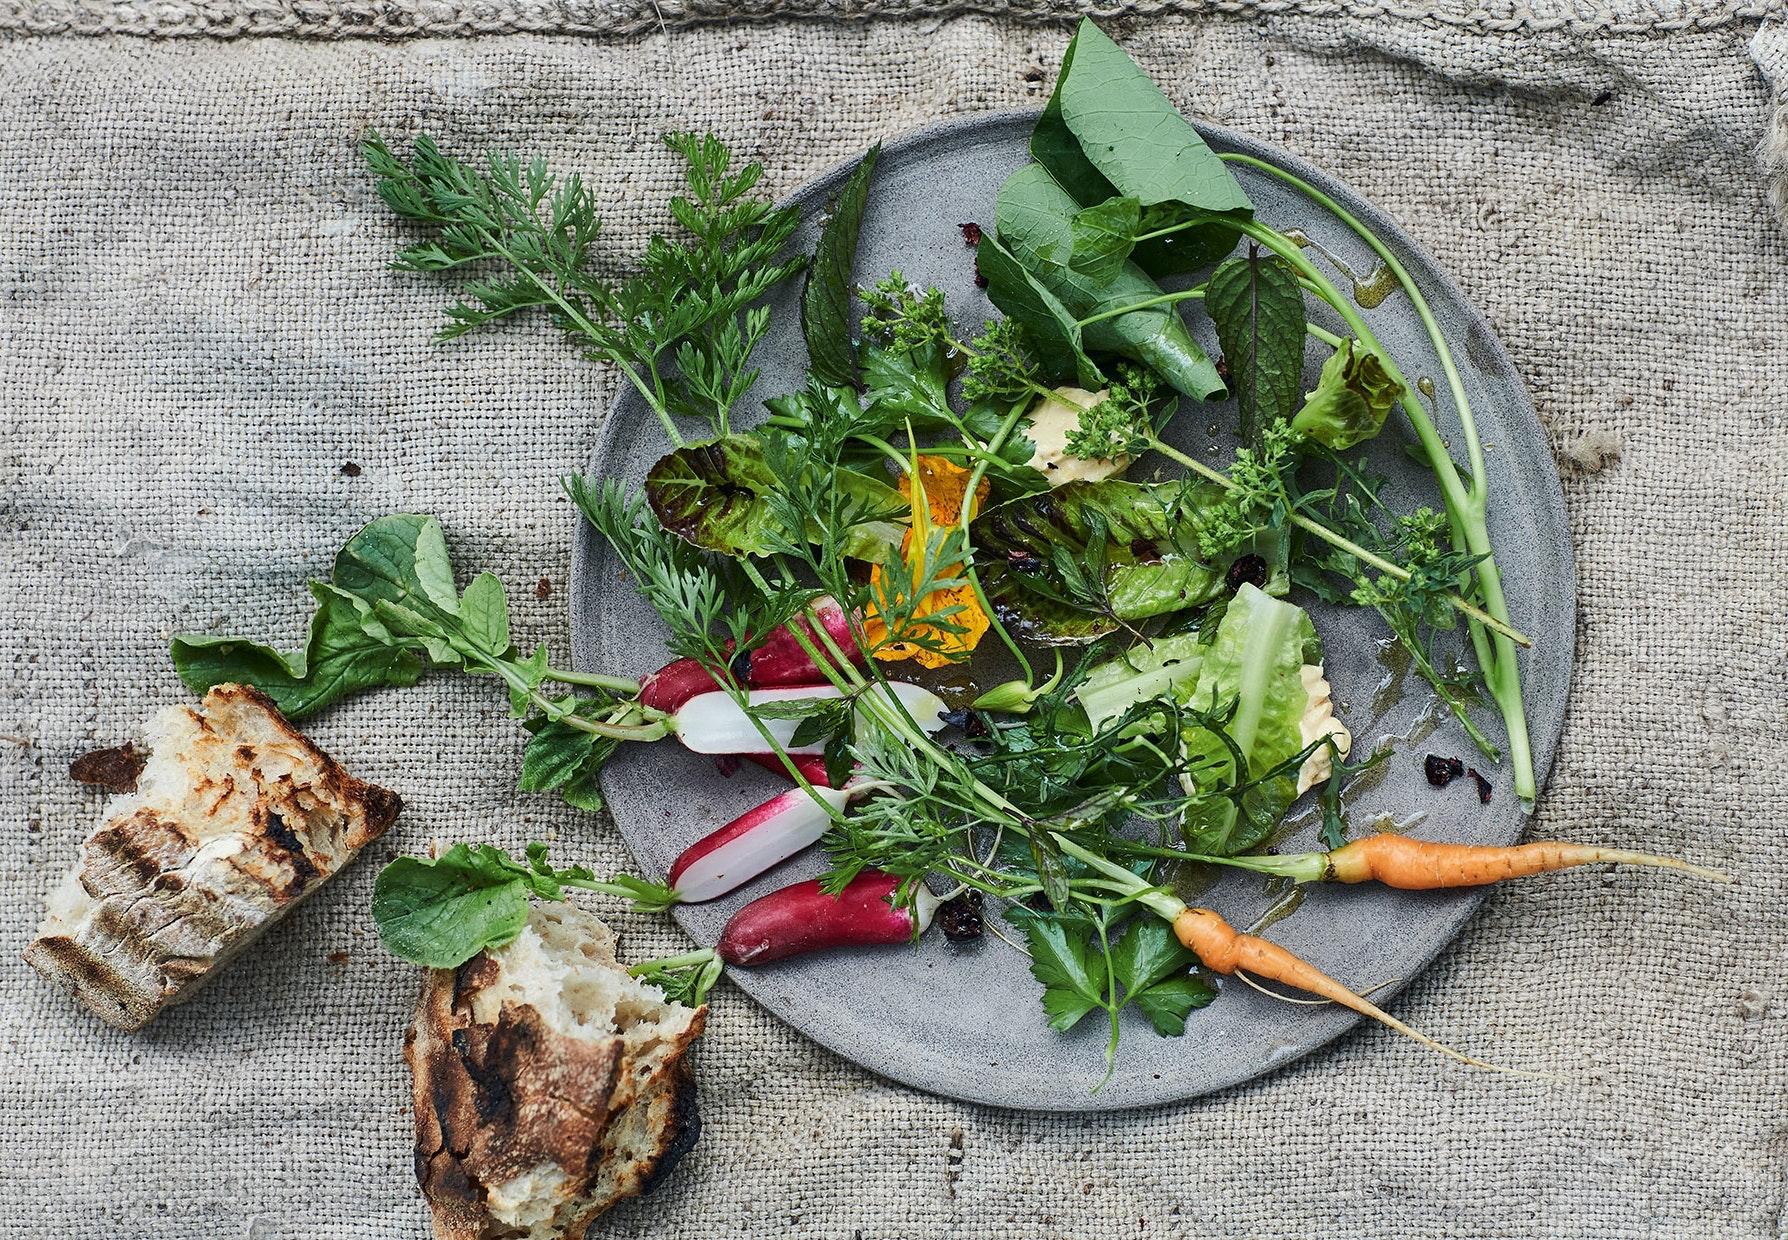 Nye grøntsager mayo piment d'espelette tørrede solbær opskrift